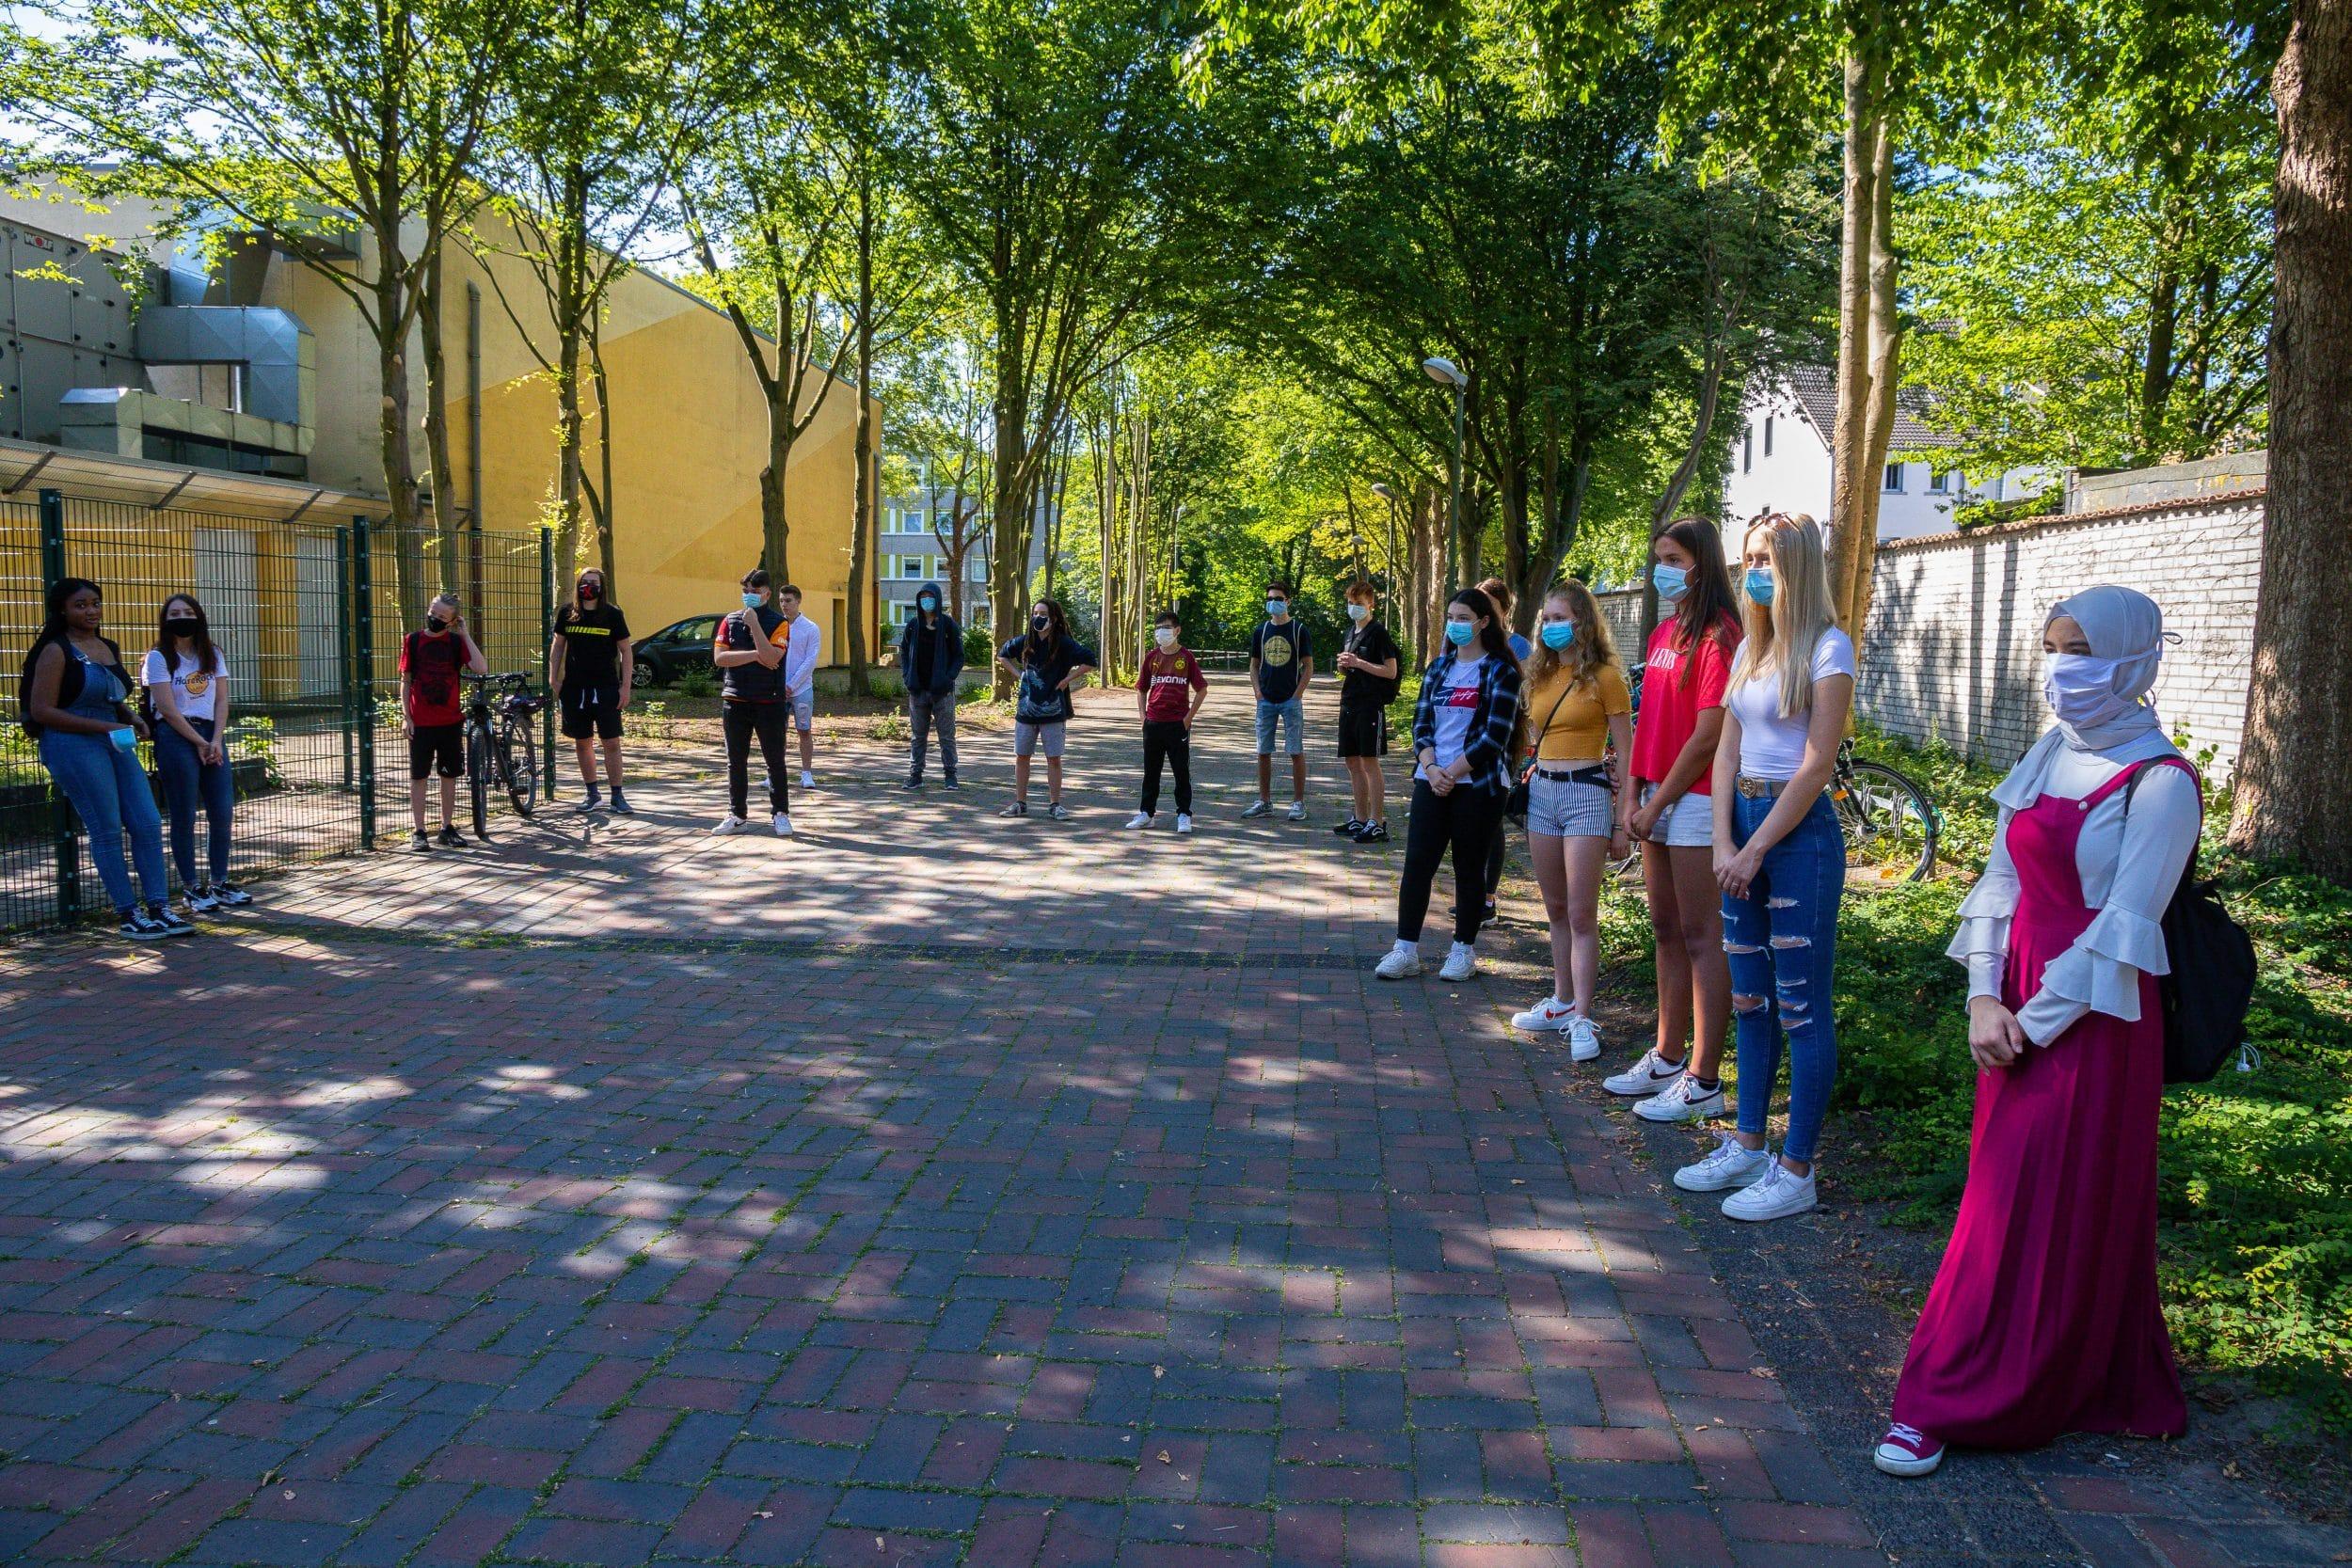 Wohnen in der Zukunft – Schüler des HHG stellten neues Projekt vor